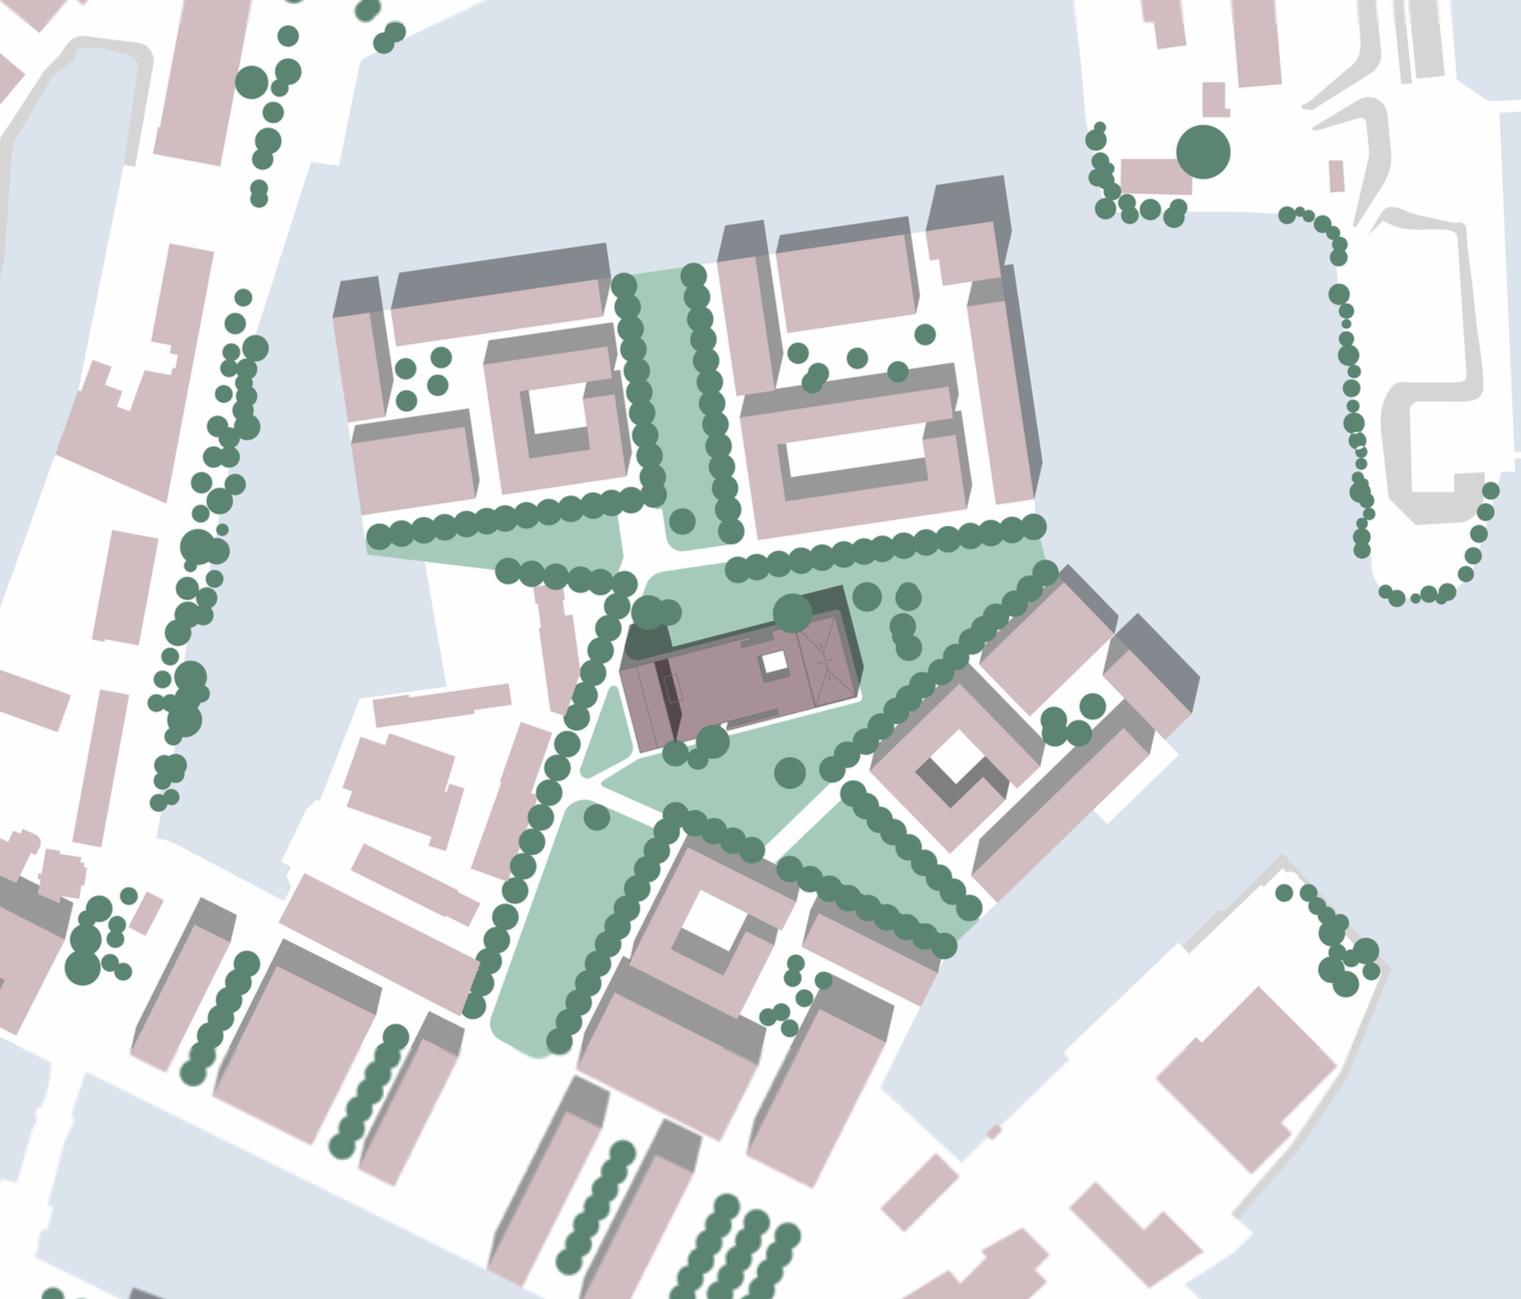 Lageplan vom Plateau der Kommunikation vom Buelau Wettbewerb in Hamburg Harburg